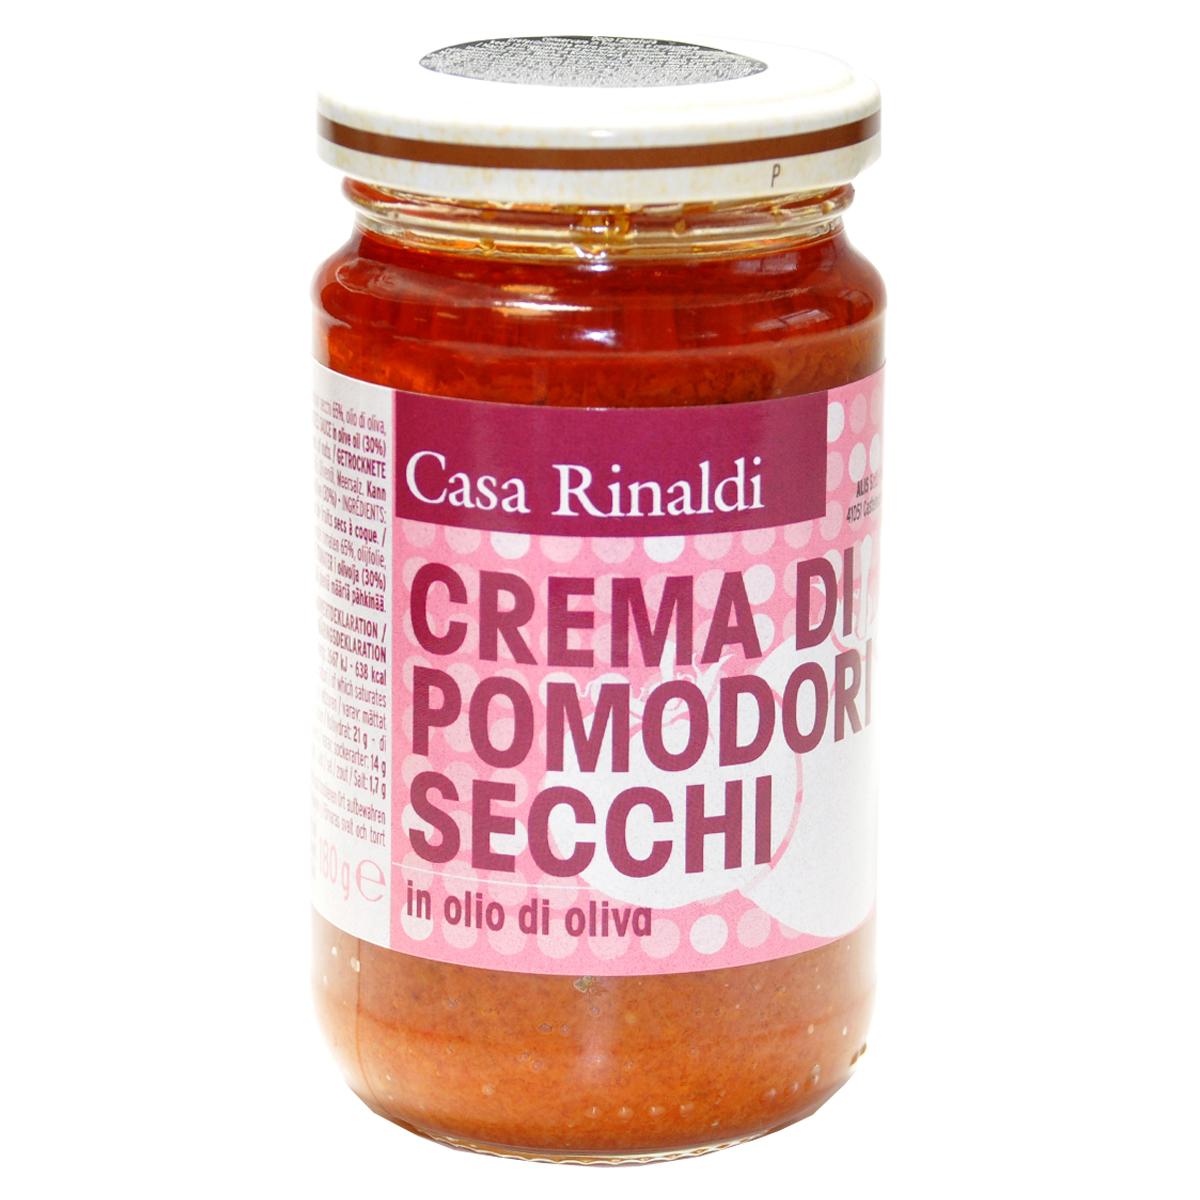 Крем-паста из вяленых помидоров в оливковом масле Casa Rinaldi 180 гр